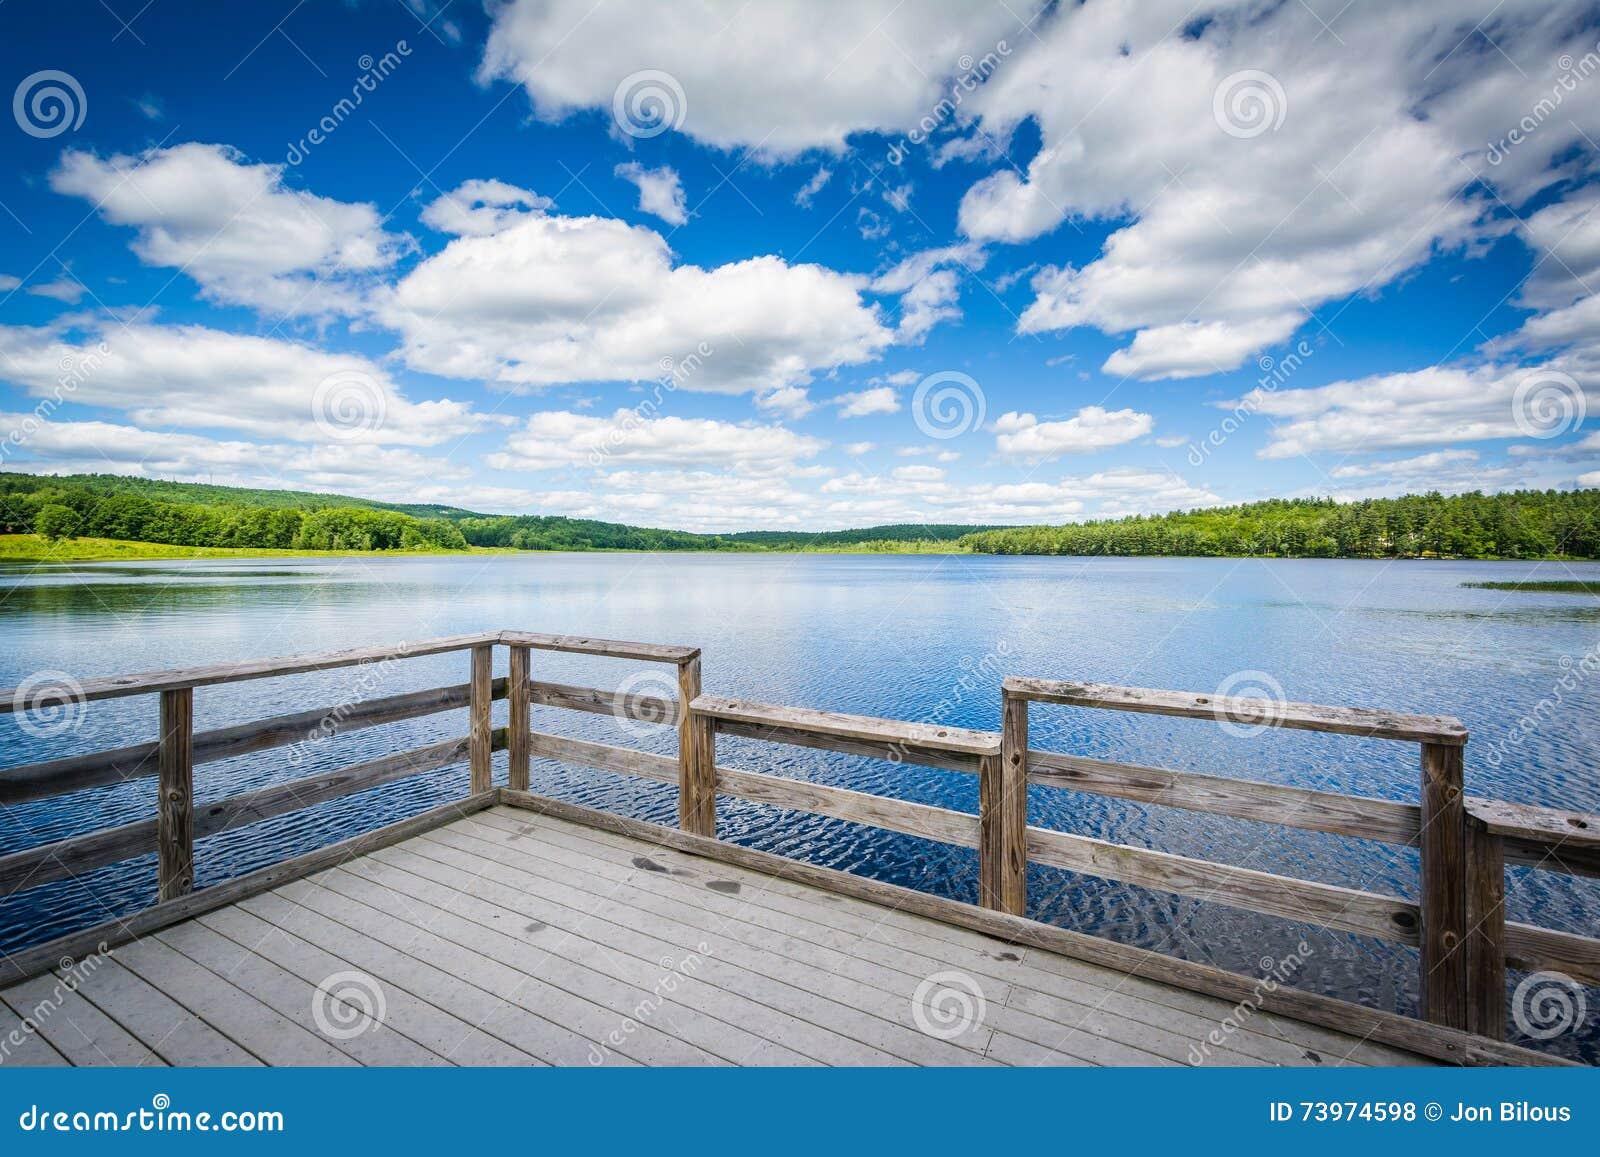 Dock sur l étang de tortue, dans l accord, New Hampshire